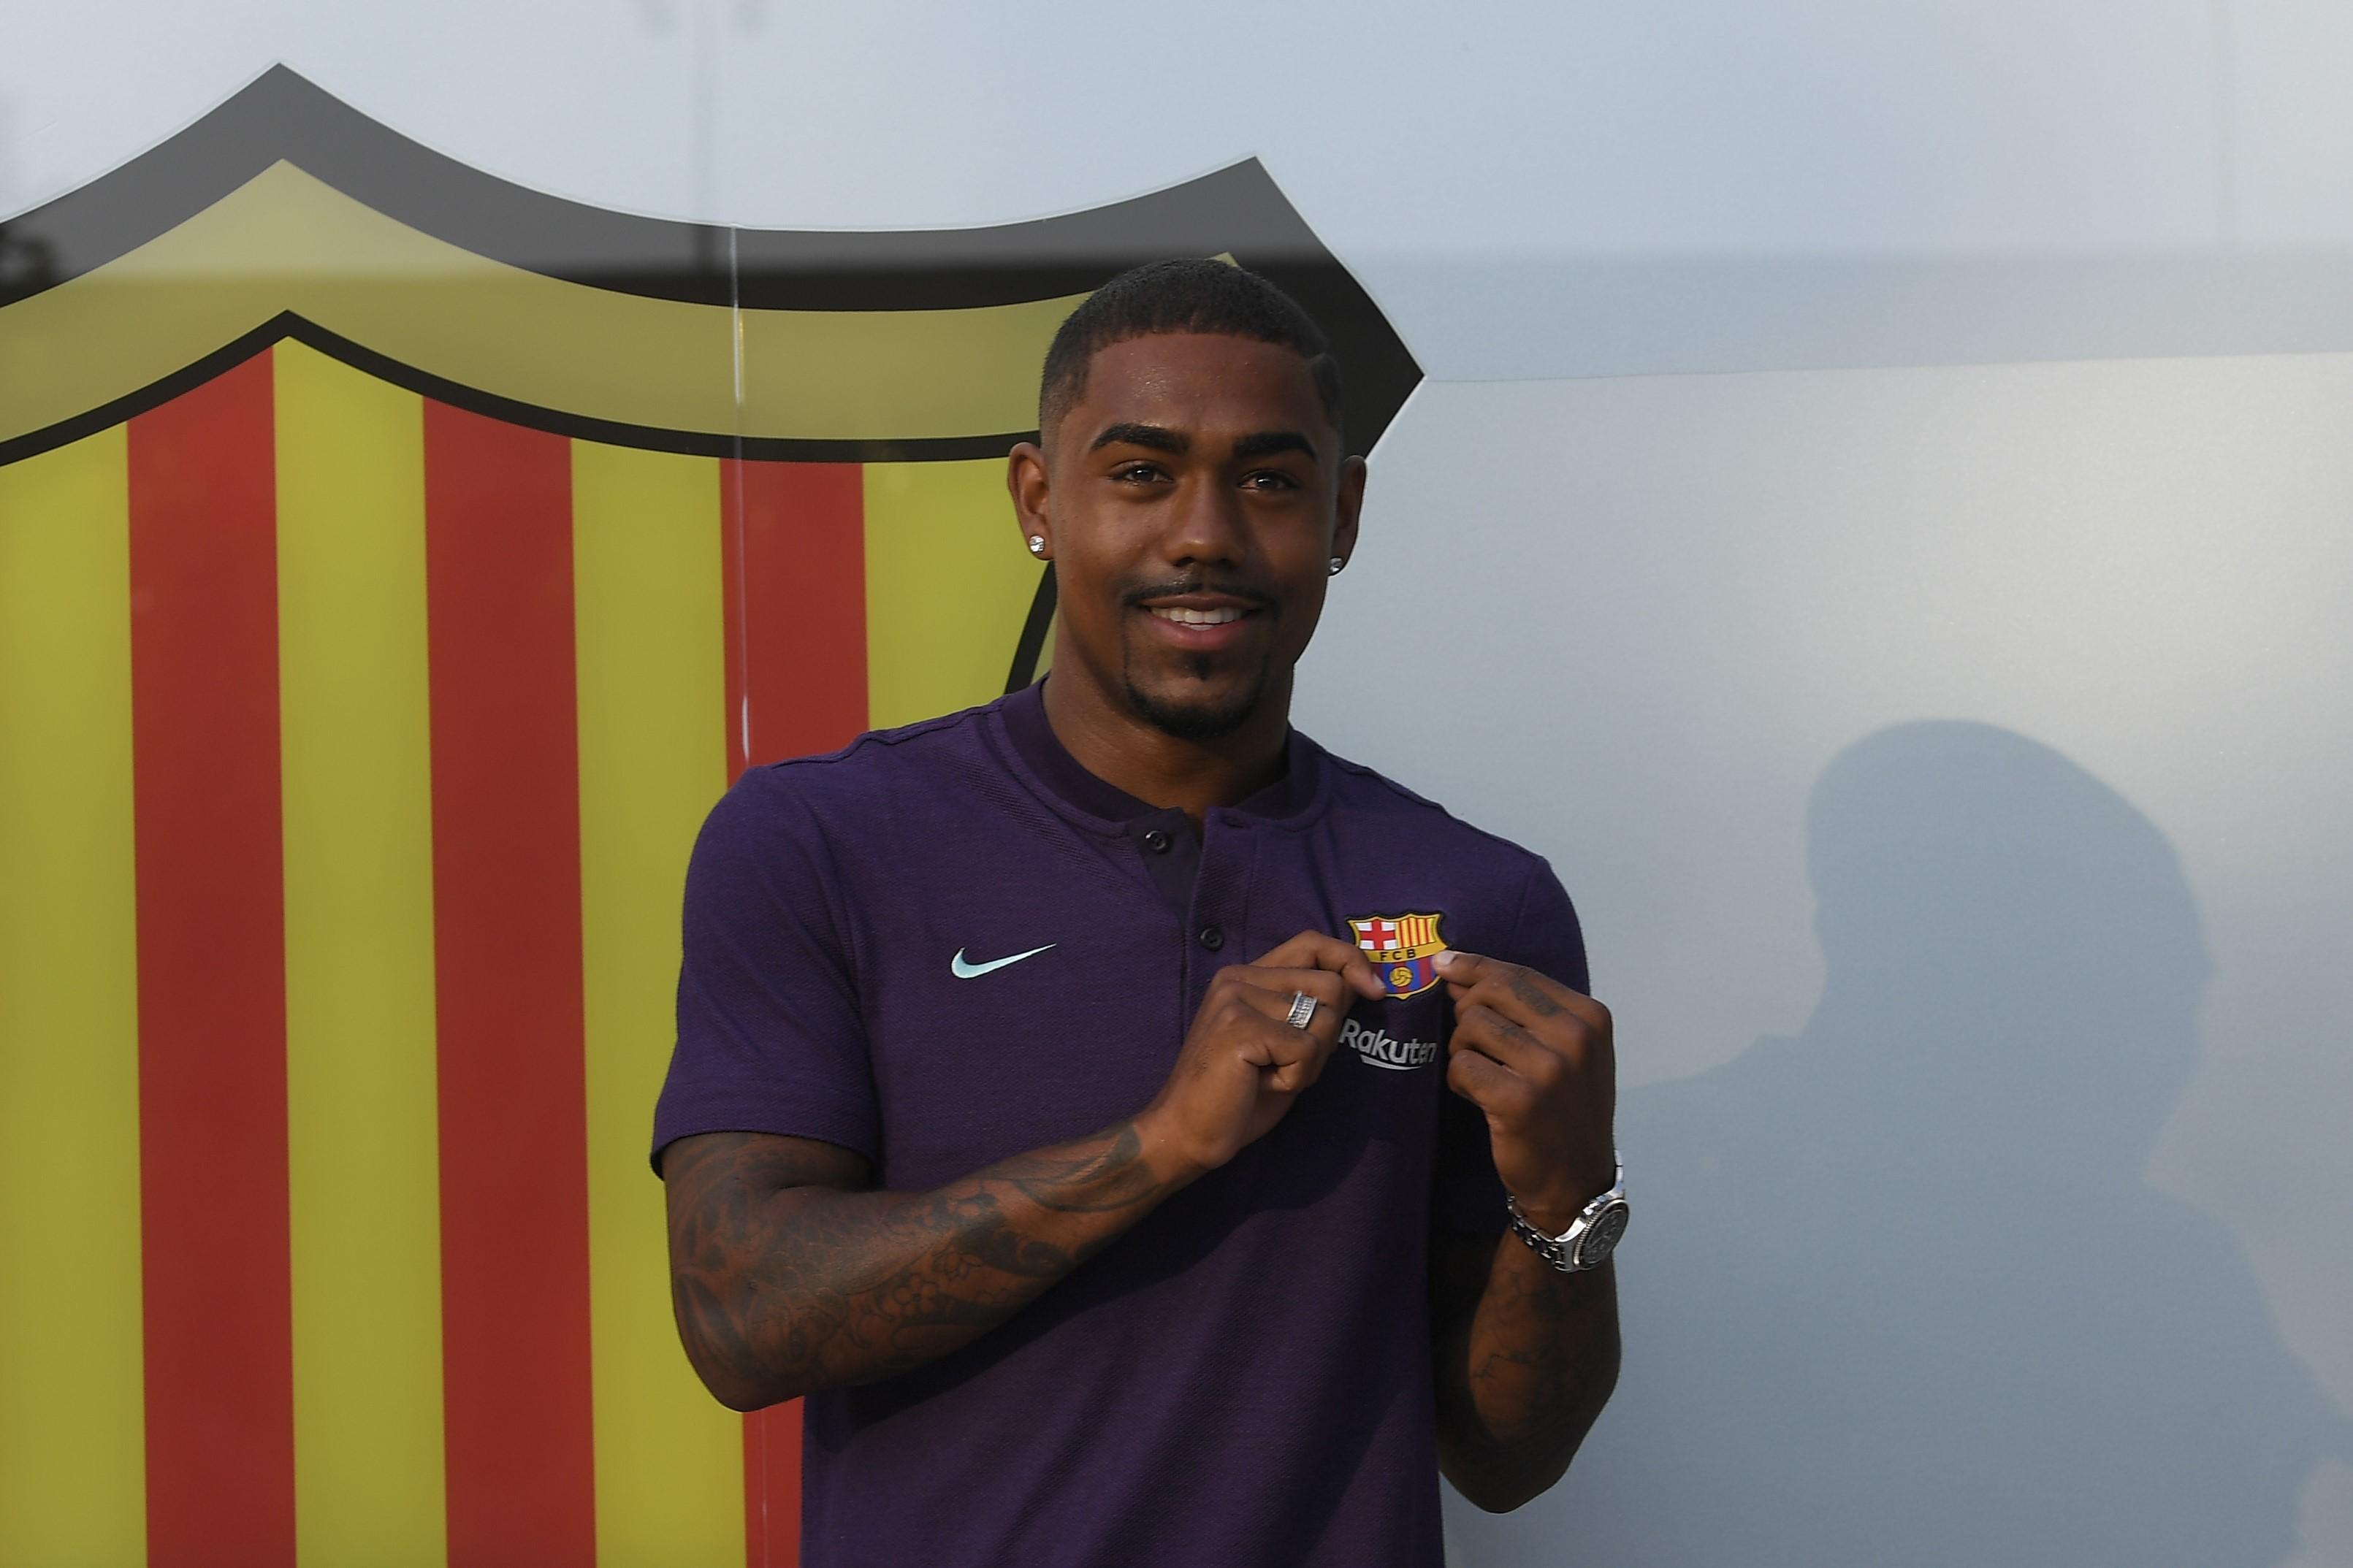 Malcom sous ses nouvelles couleurs du FC Barcelone